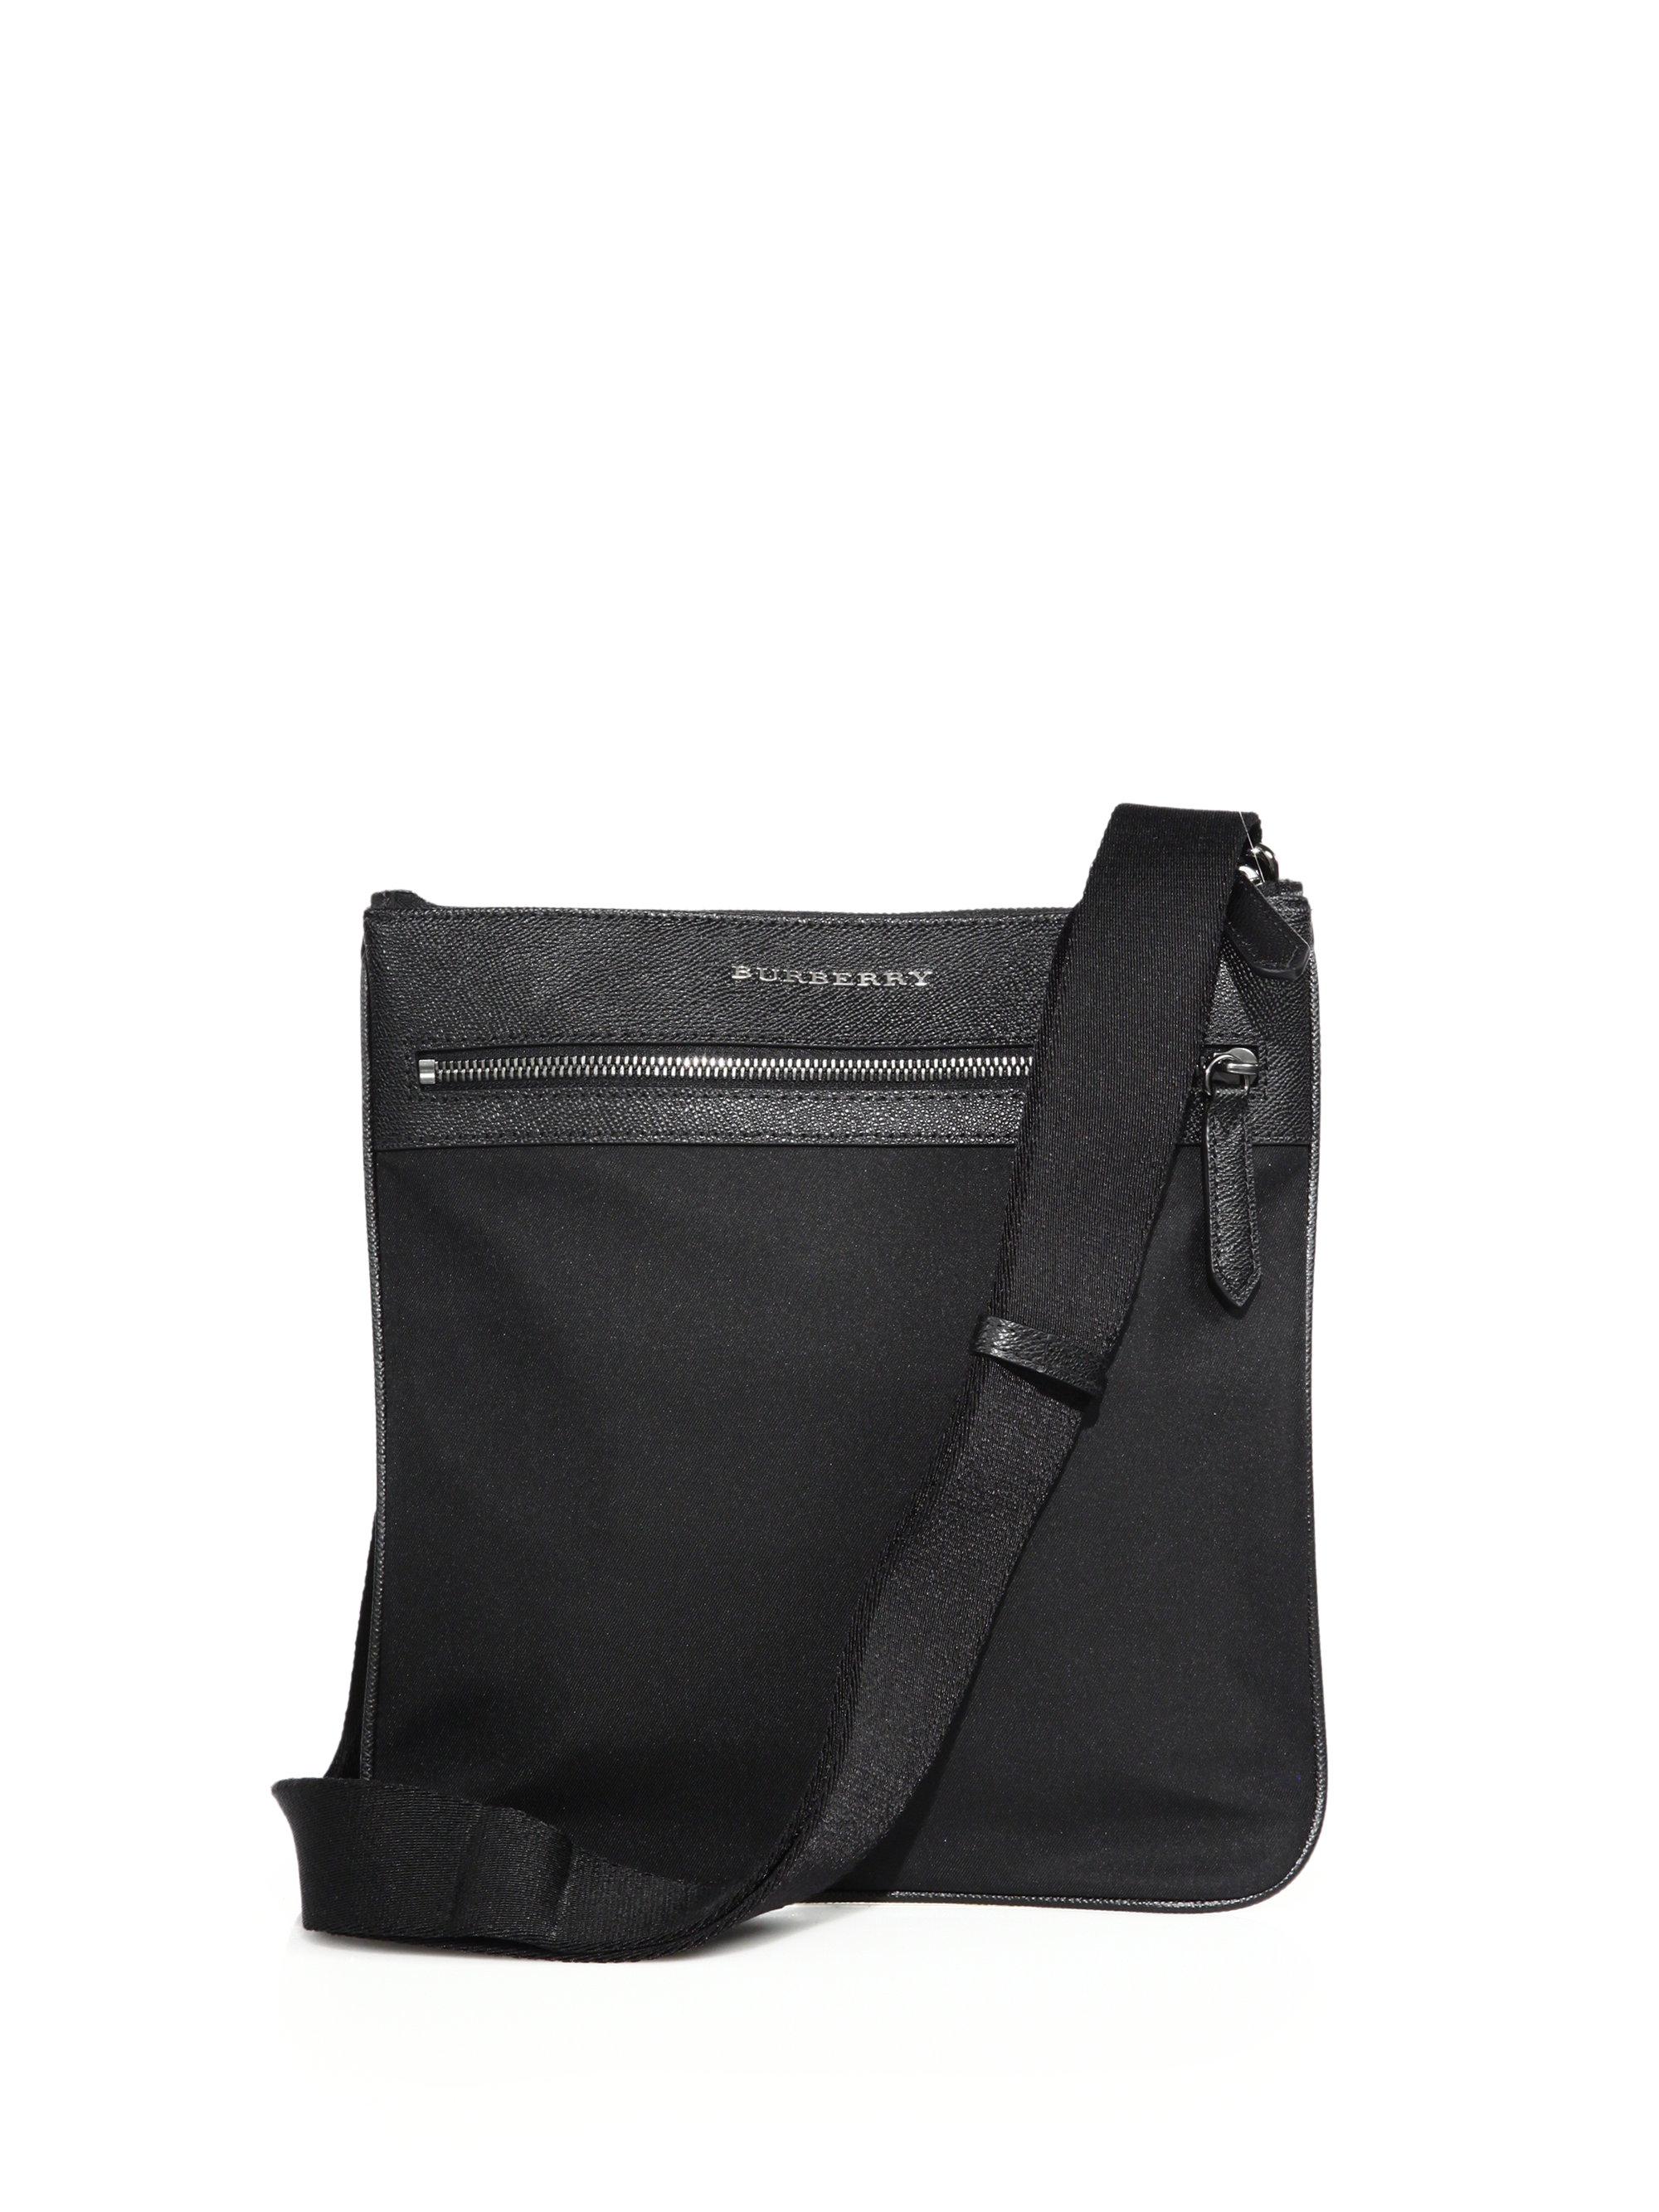 37cb65c5f57e Lyst - Burberry Crossbody Bag in Black for Men